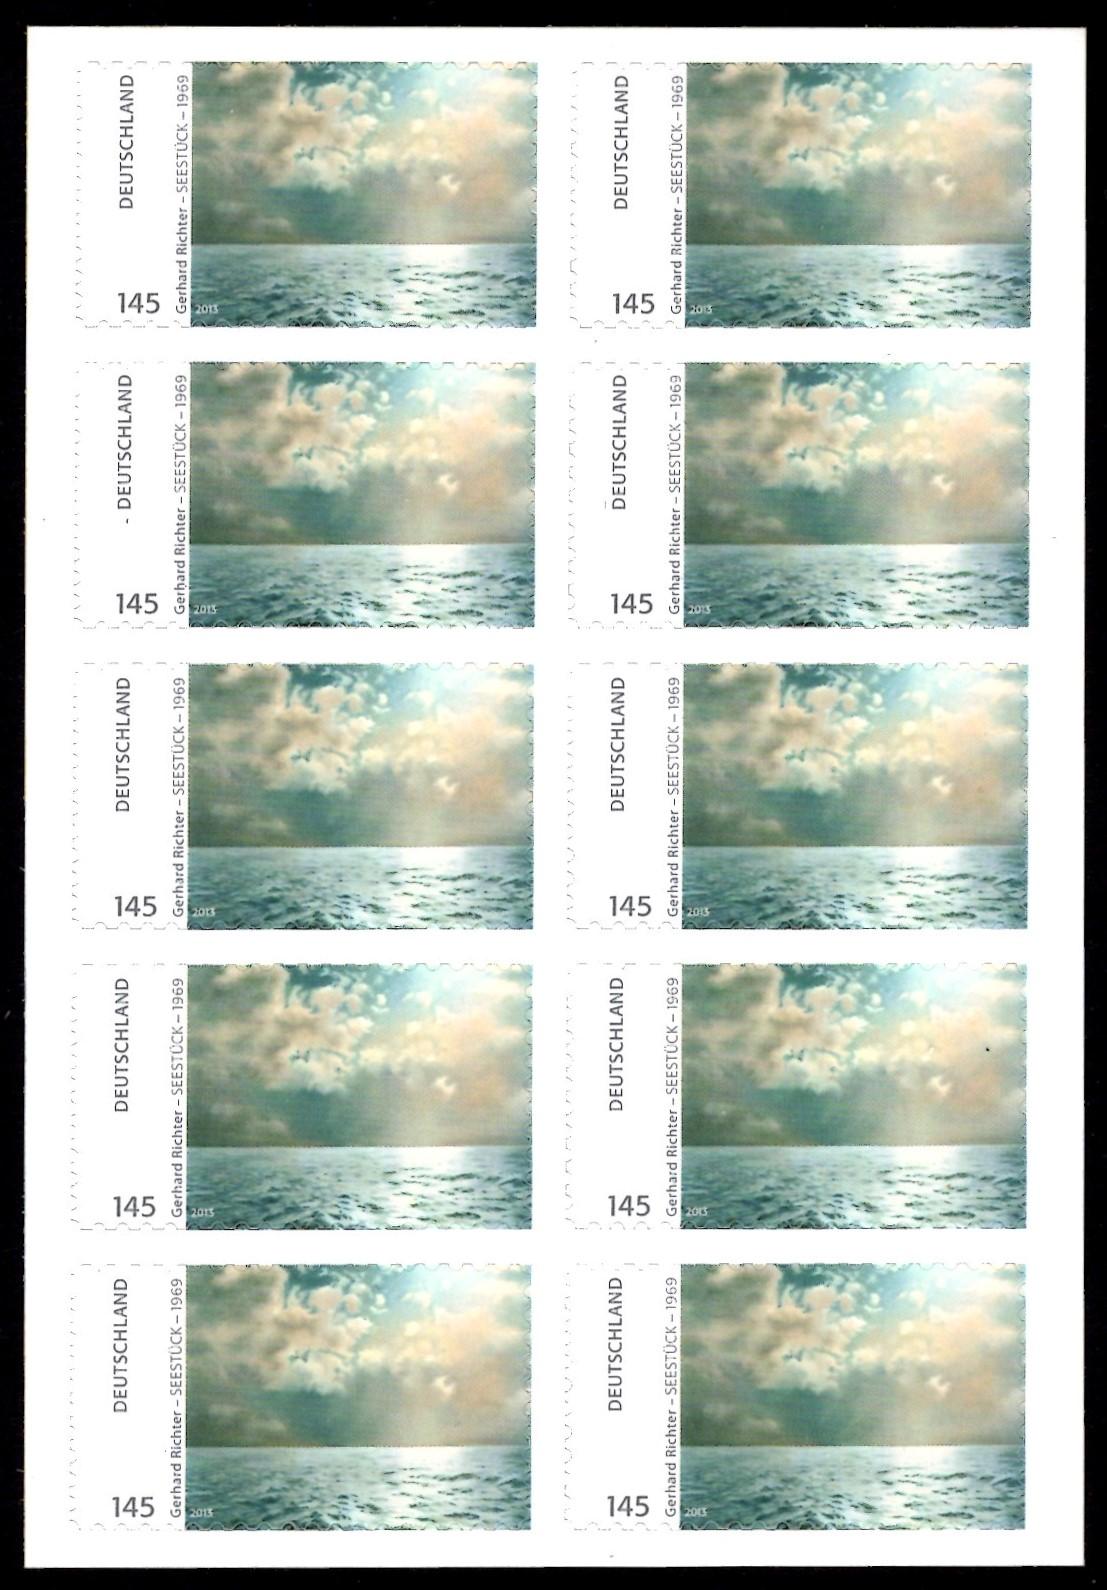 FBL 032 Gerhard Richter